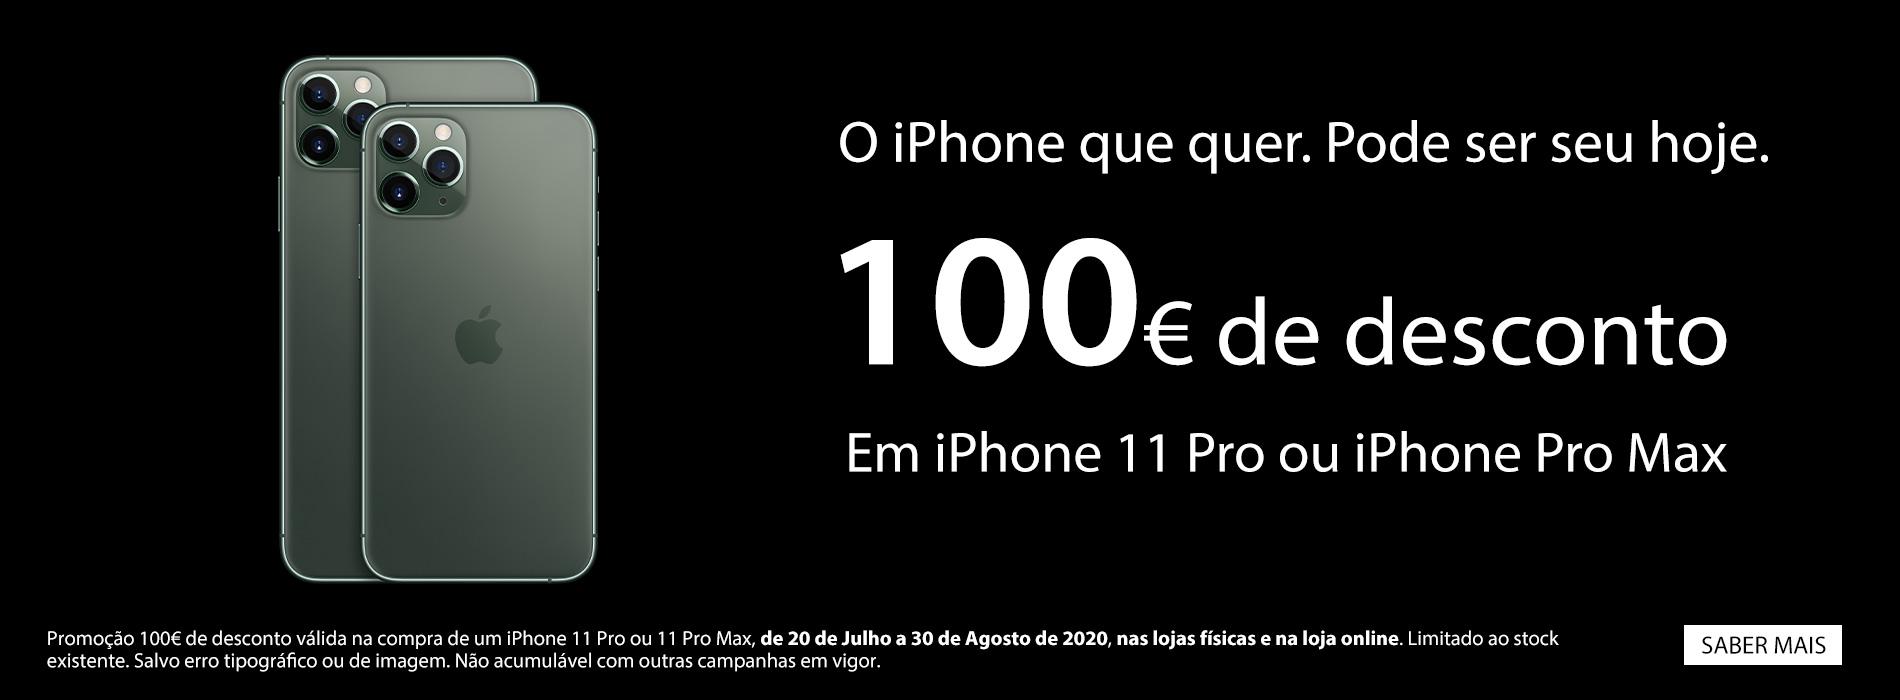 Homepage Slideshow - Campanha 100€ de desconto em iPhone 11 Pro